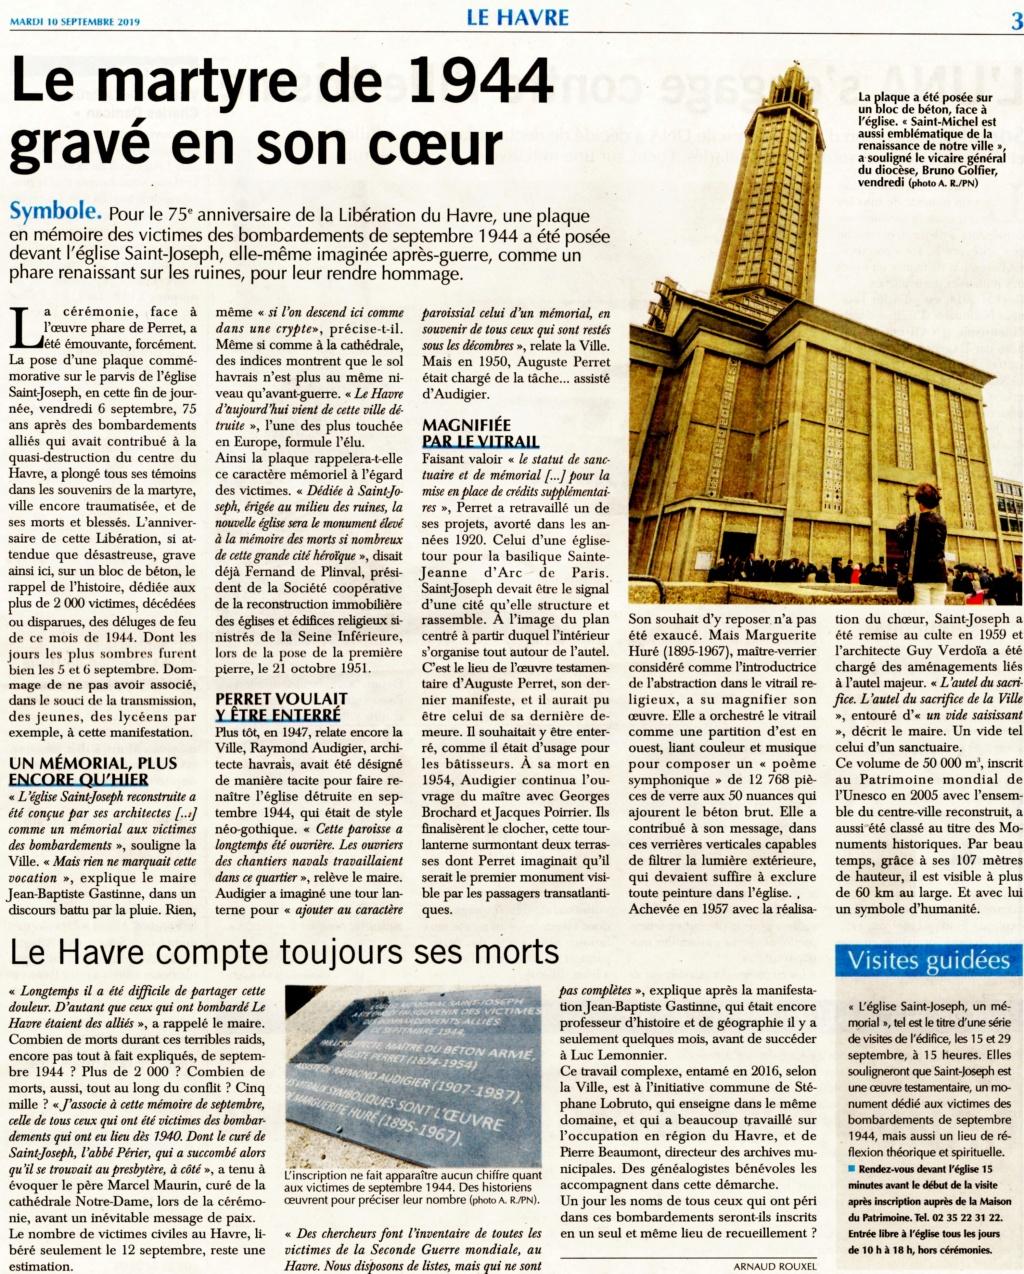 Le Havre - Le martyre de 1944 devant l'église Saint-Joseph 2019-199